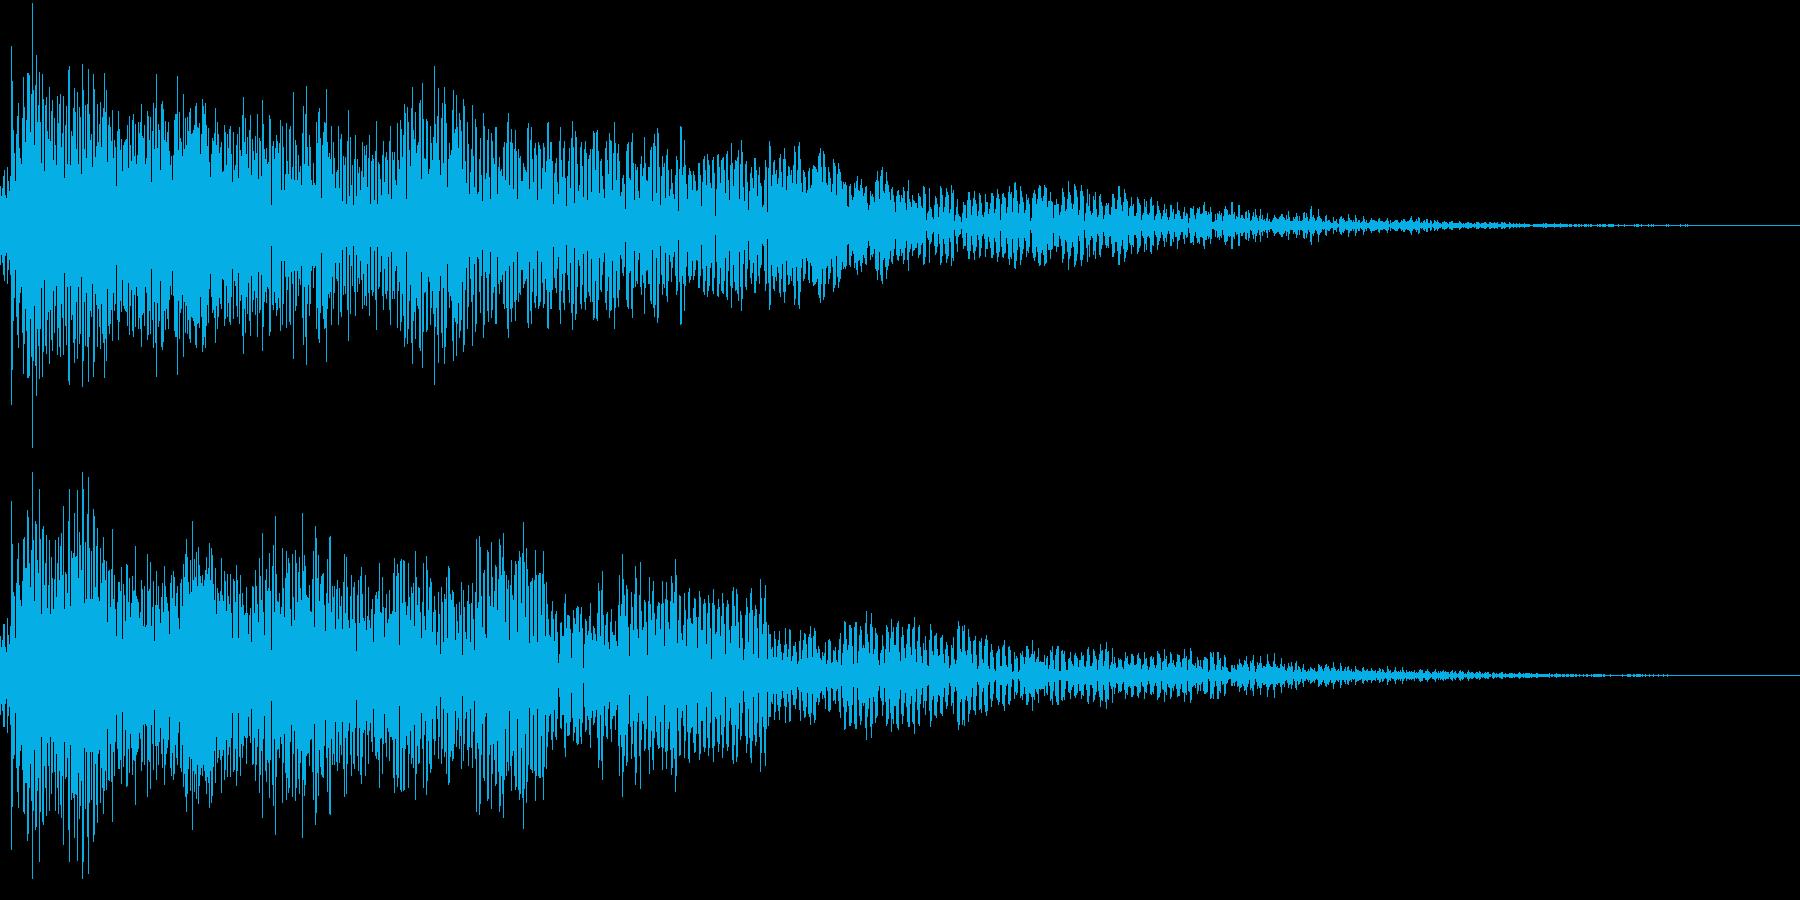 InvaderBuzz 発砲音 2の再生済みの波形